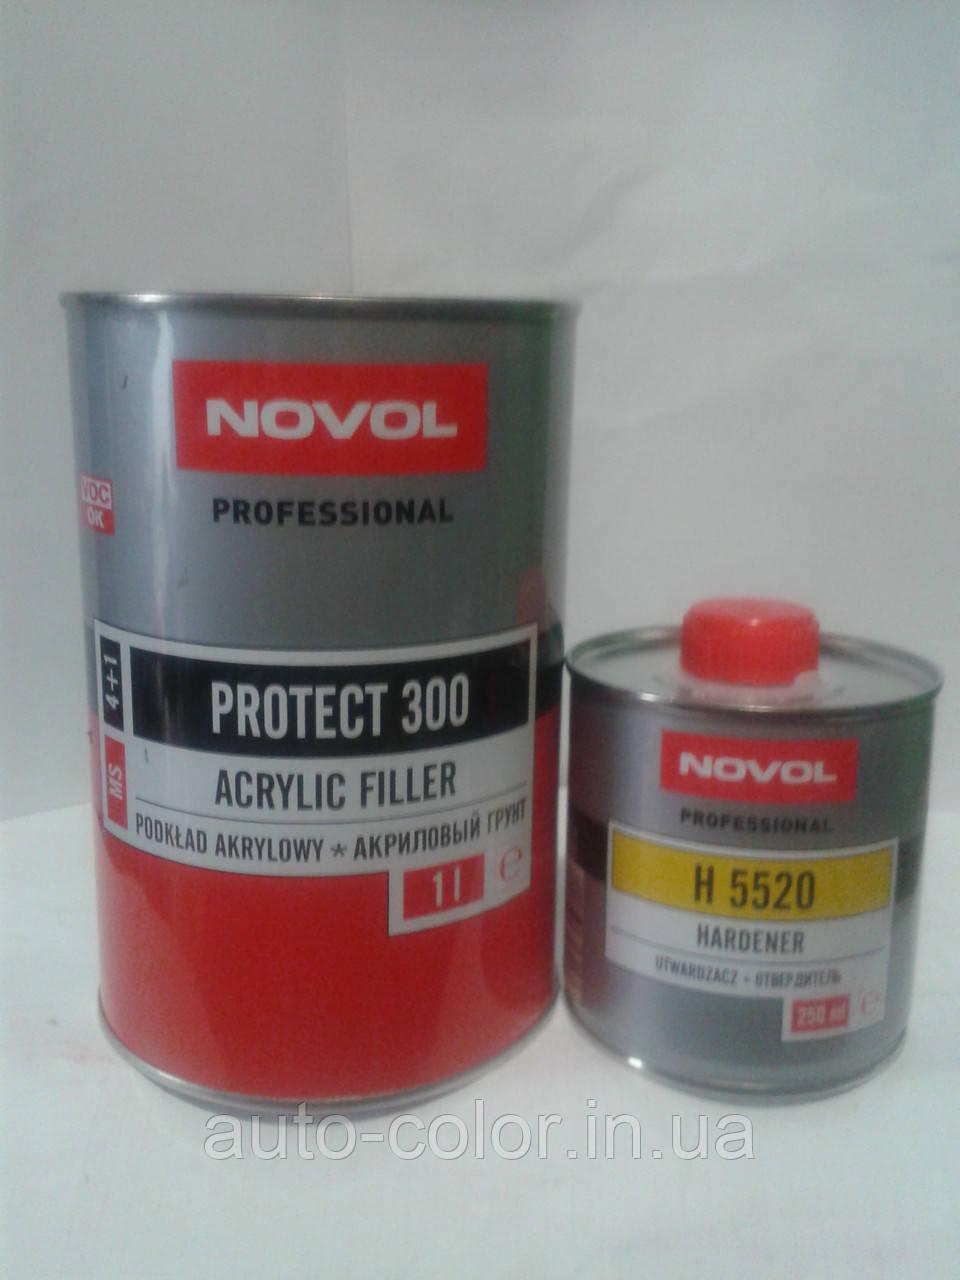 Грунт акриловий 4+1 PROTECT 300 Novol (1л) + затверджувач (0,25 л), жовтий